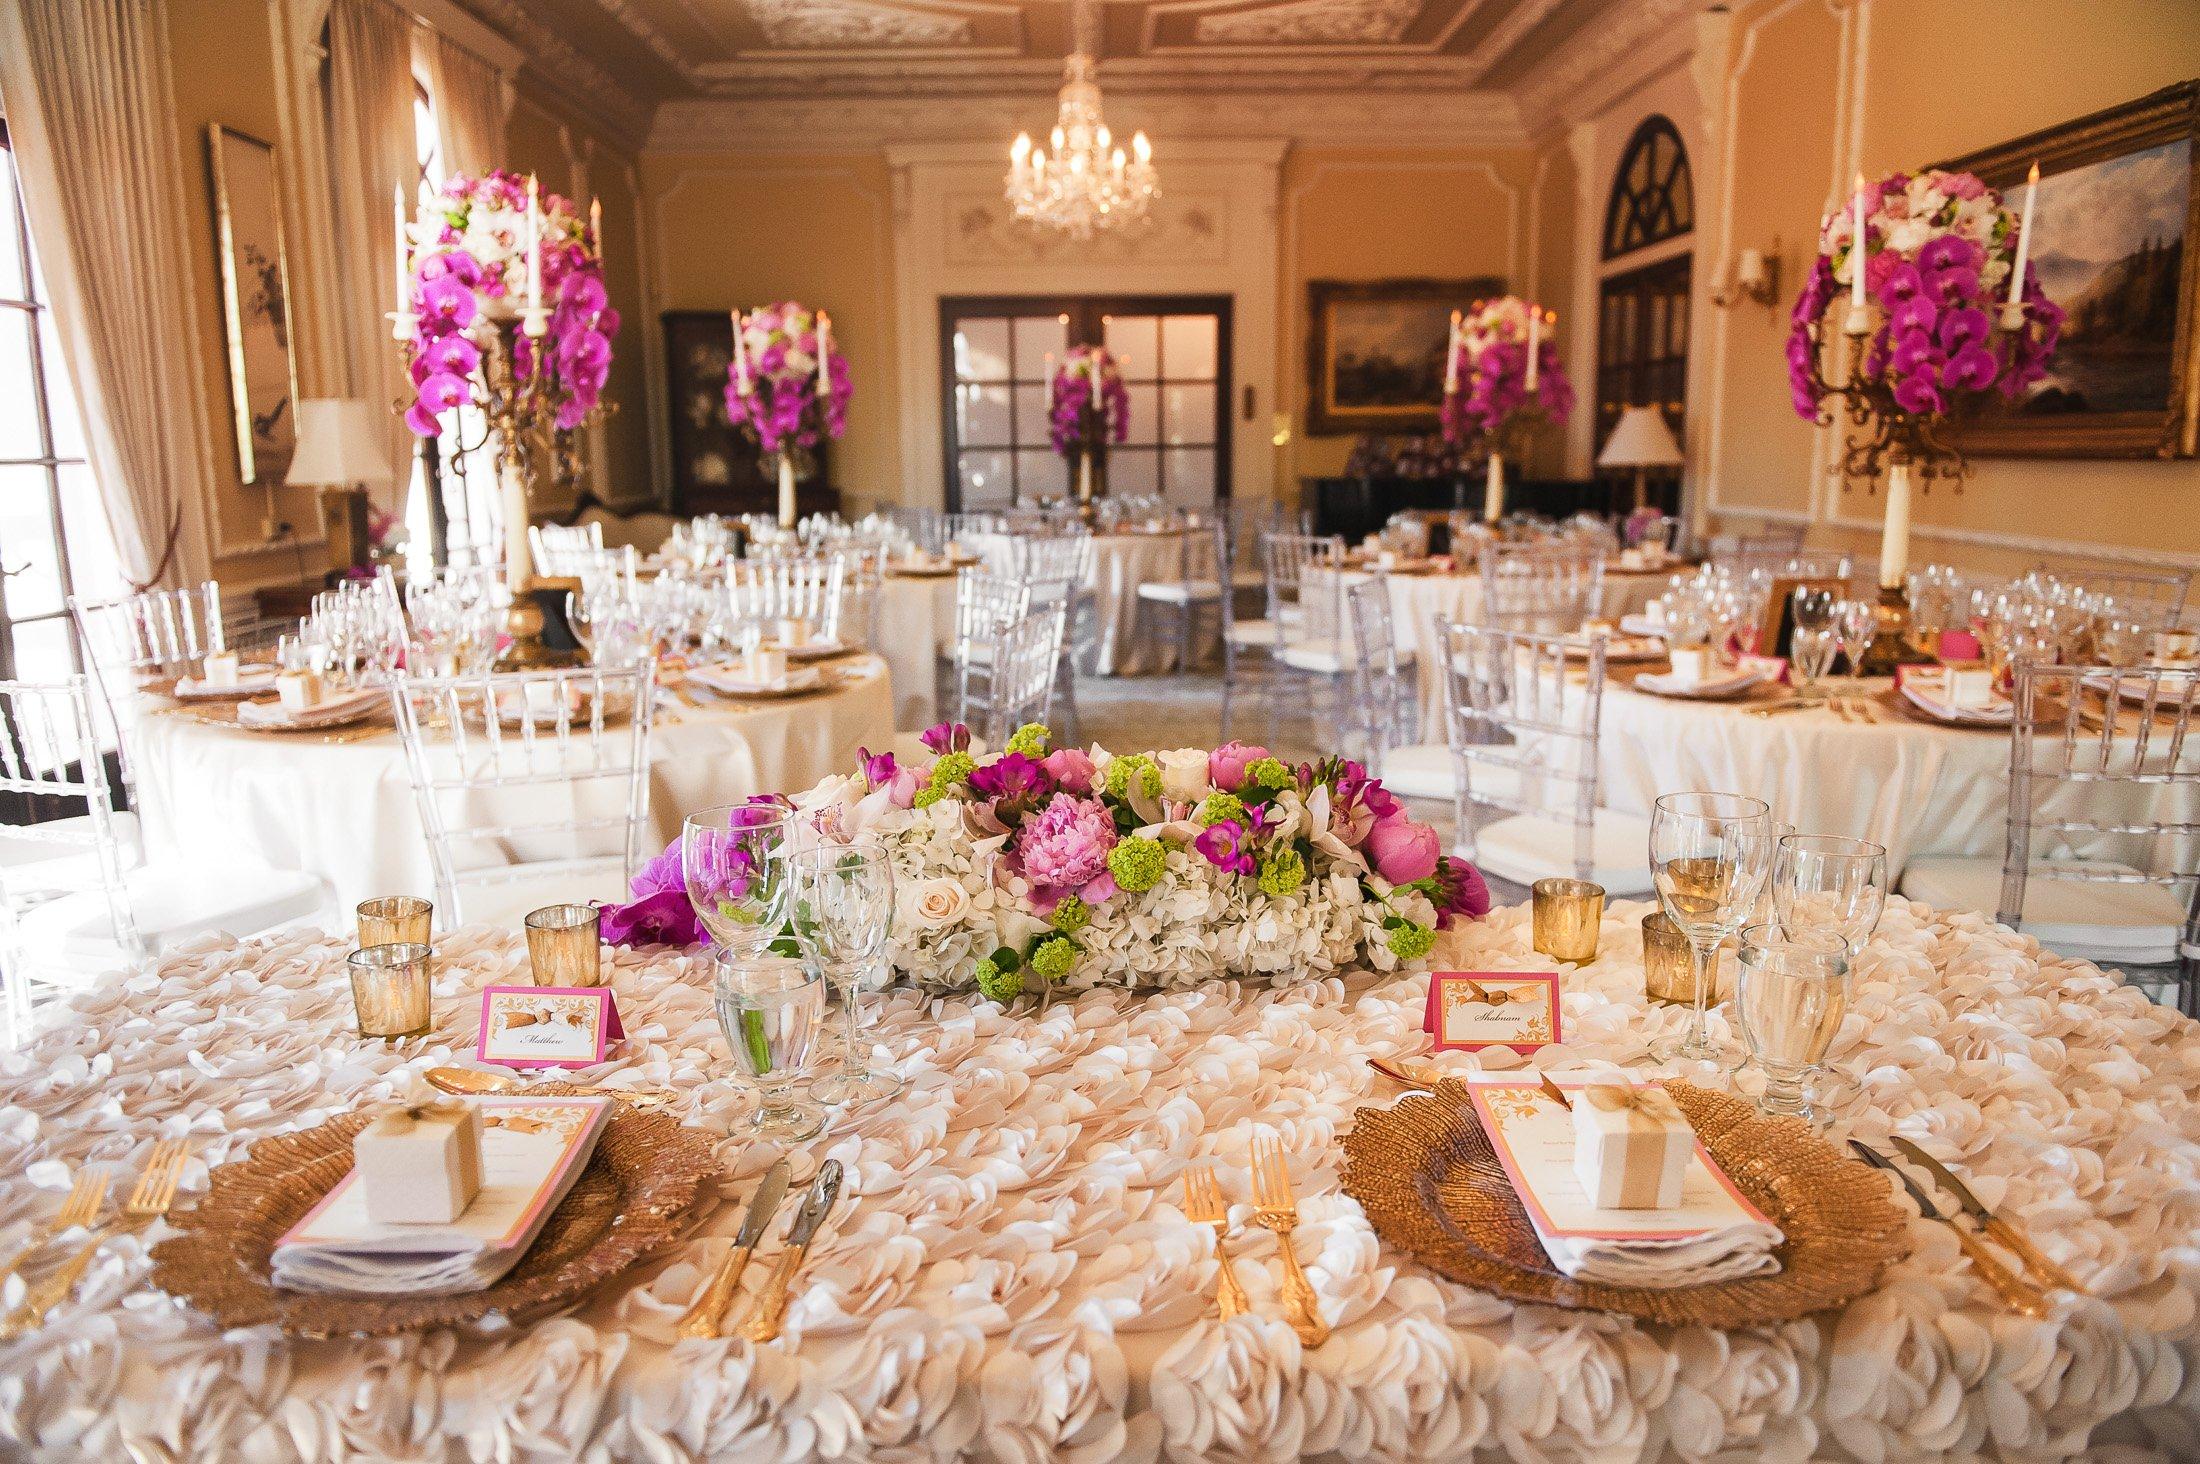 Luxury Wedding Venues: Hycroft Manor Wedding Venue Photos